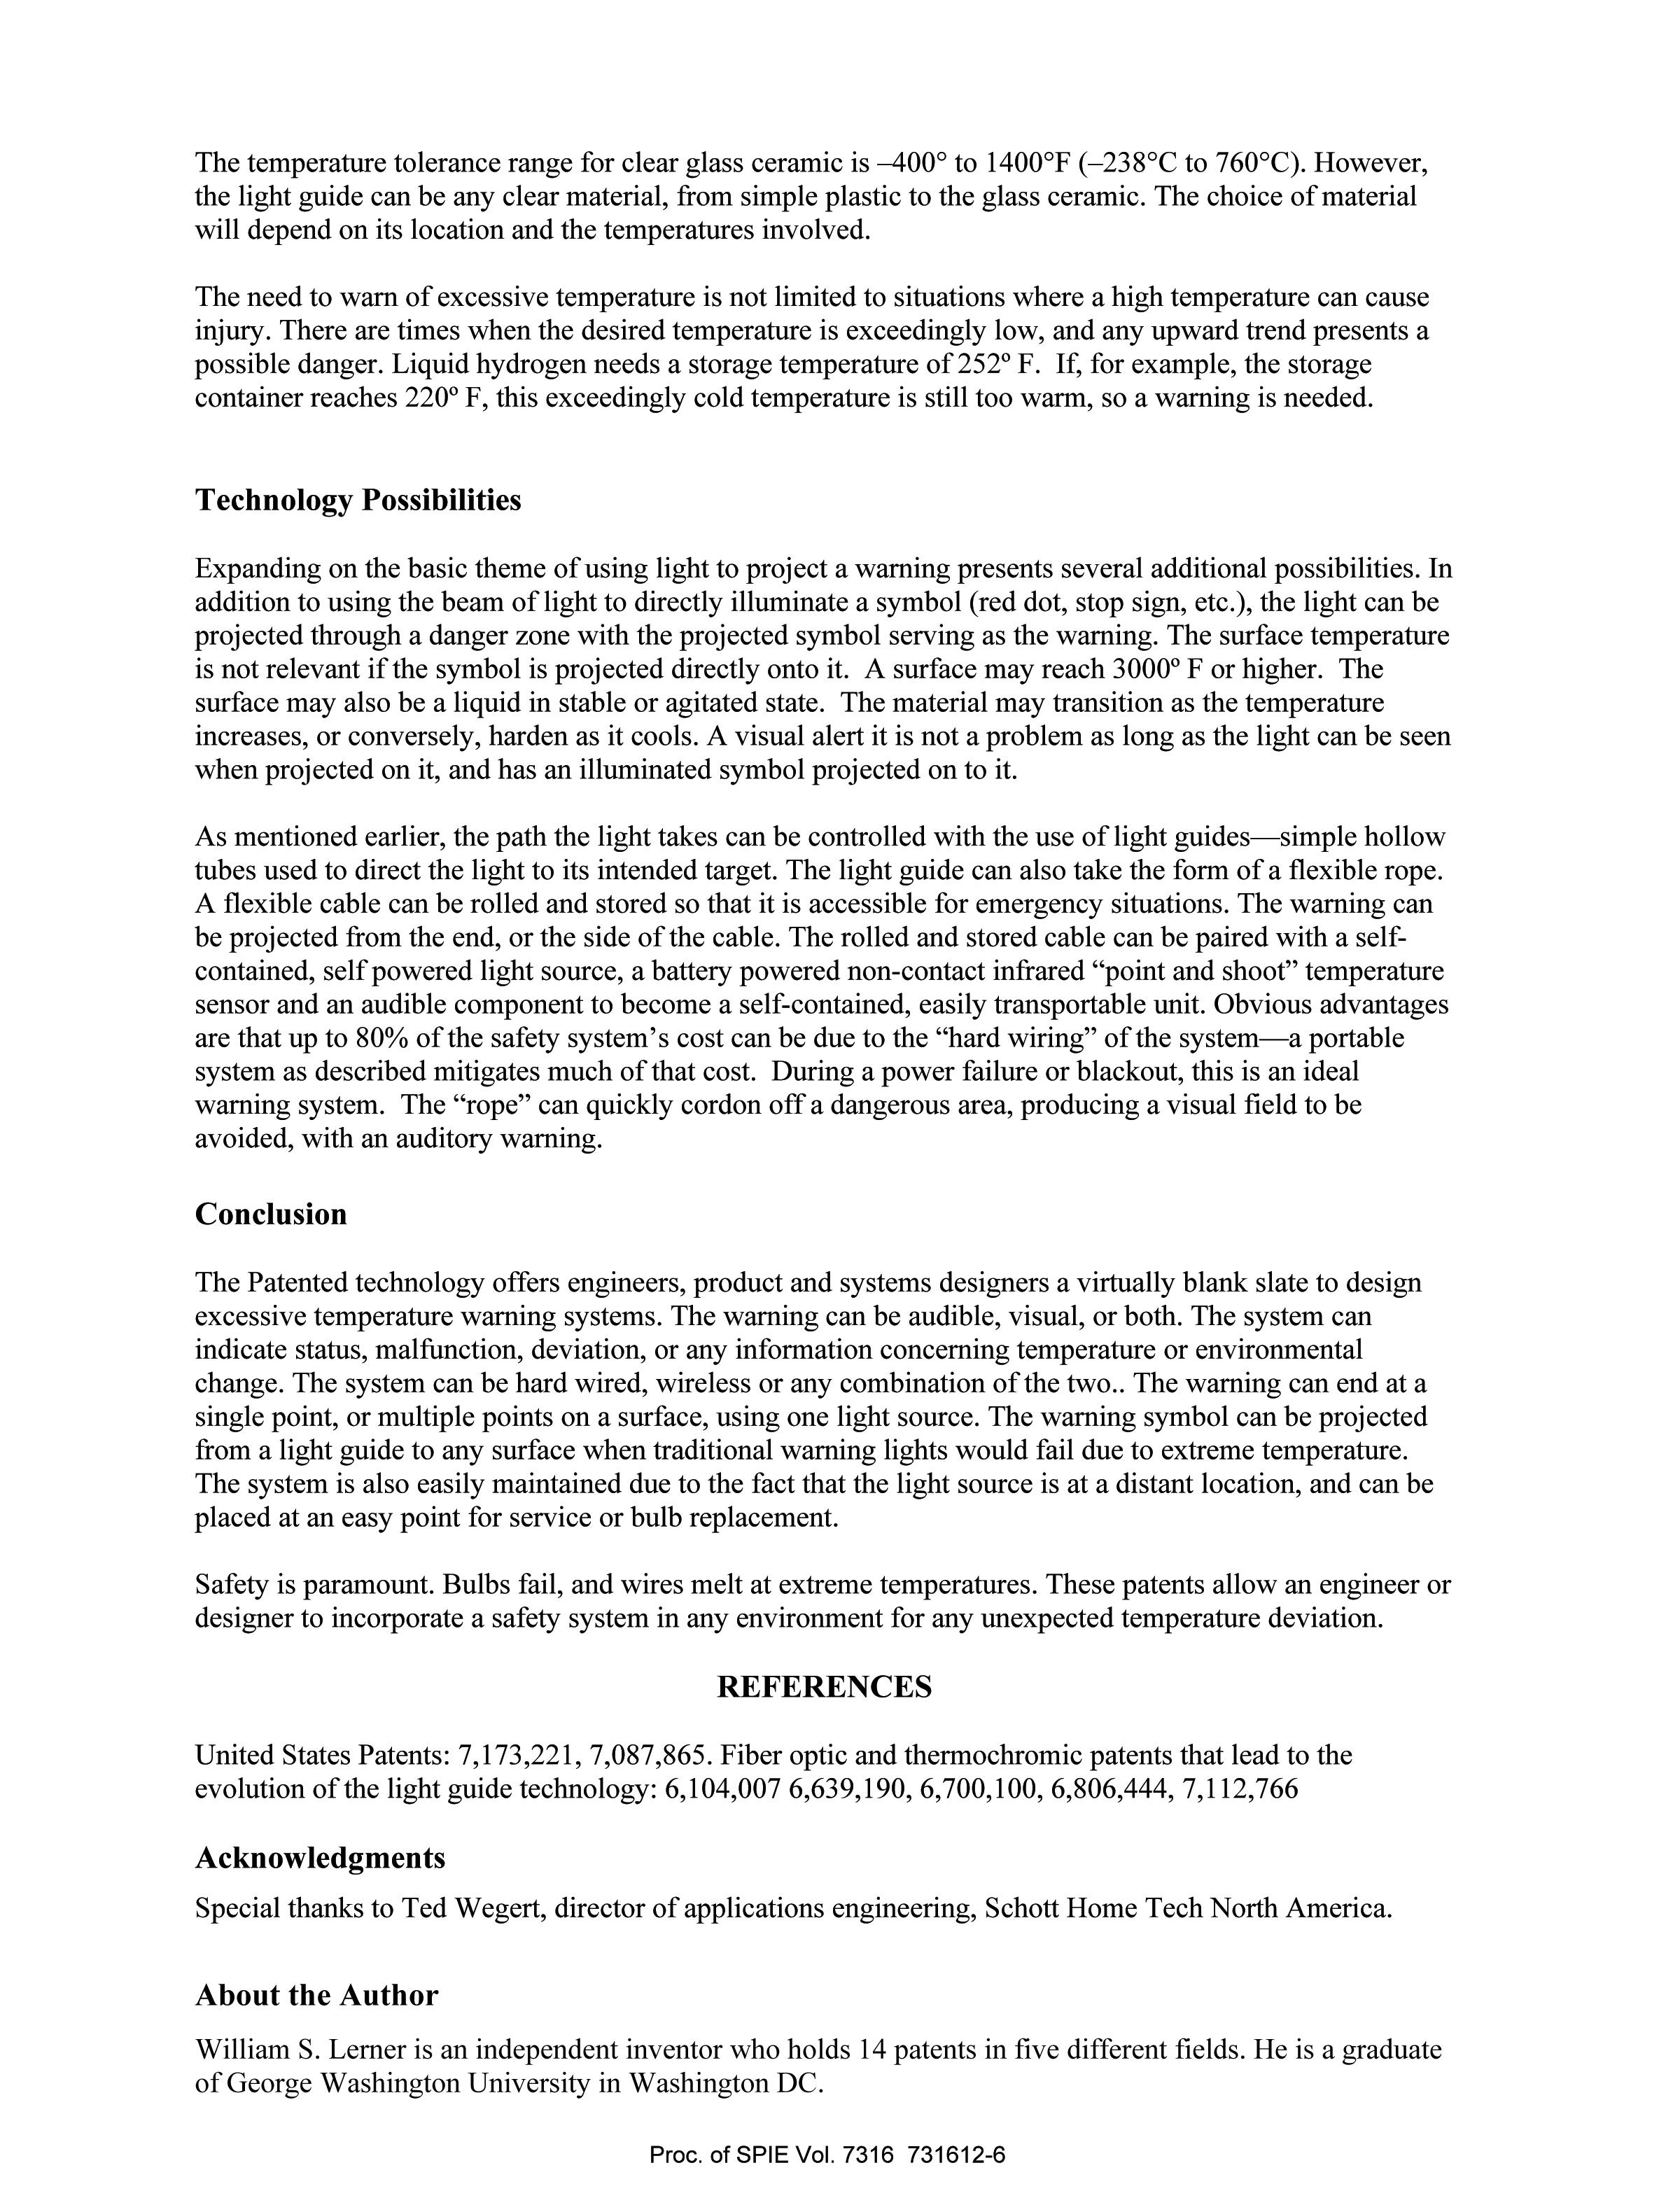 SPIE - Light Guide Technology-6.jpg